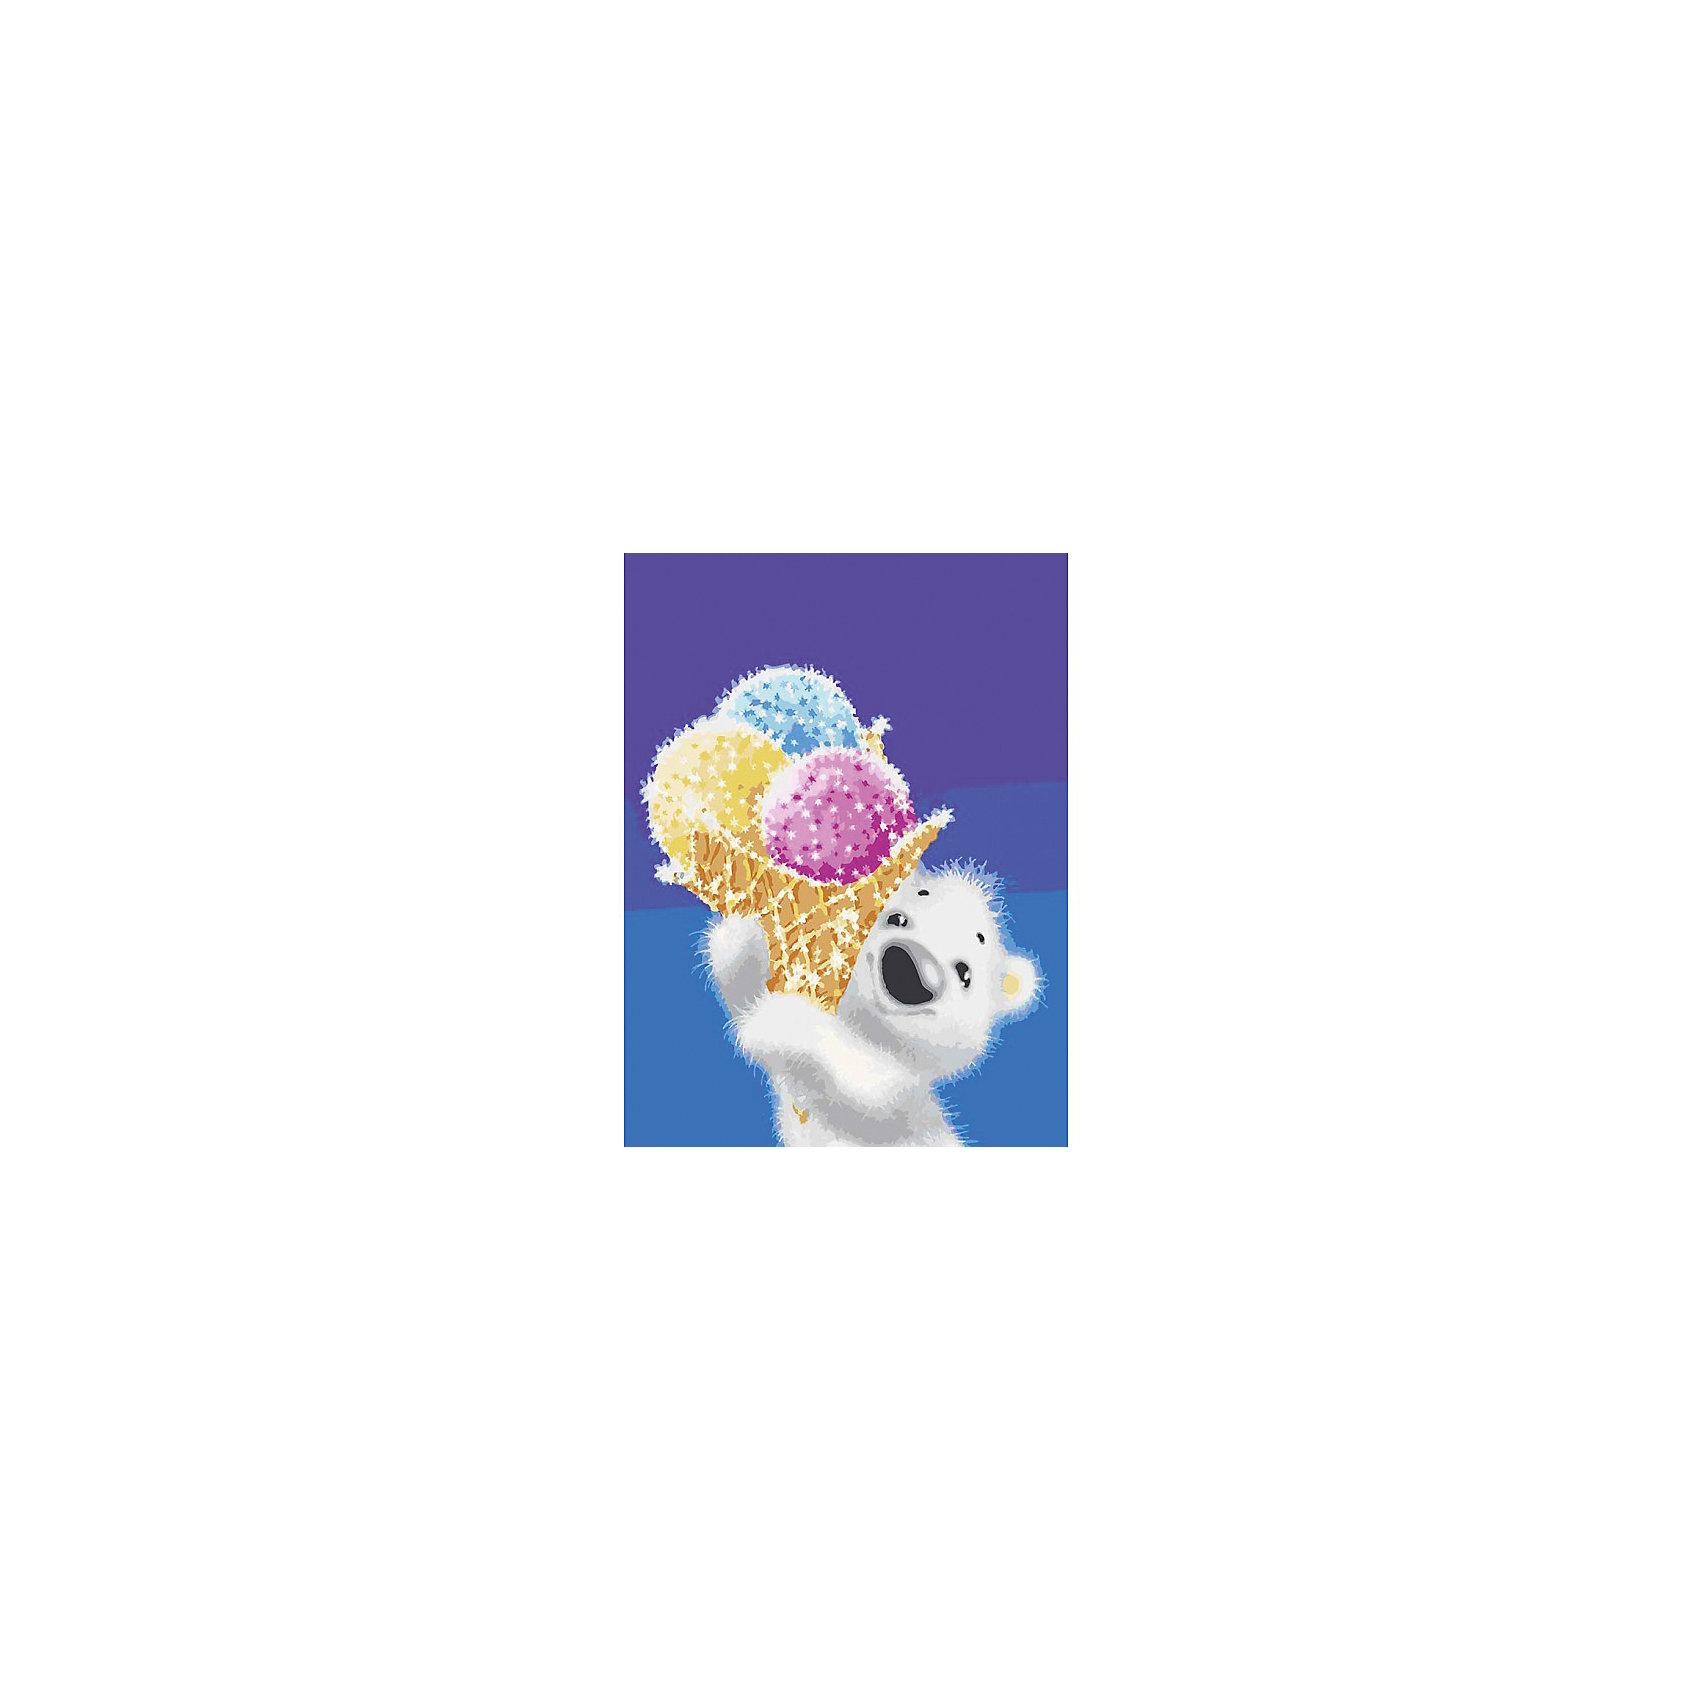 Живопись на холсте 30*40 см Медвежонок с мороженымХарактеристики товара:<br><br>• цвет: разноцветный<br>• материал: акрил, картон<br>• размер: 30 x 40 см<br>• комплектация: полотно на подрамнике с контурами рисунка, пробный лист с рисунком, набор акриловых красок, три кисти, крепление на стену для картины<br>• для детей от шести лет и взрослых<br>• не требует специальных навыков<br>• страна бренда: Китай<br>• страна изготовитель: Китай<br><br>Рисование - это занятие, которое любят многие дети и взрослые. Оно помогает развить важные навыки и просто приносит удовольствие! Чтобы вселить в ребенка уверенность в своих силах, можно предложить ему этот набор - в нем уже есть сюжет, контуры рисунка и участки с номерами, которые обозначают определенную краску из набора. Все оттенки уже готовы, задача художника - аккуратно, с помощью кисточек из набора, нанести краски на определенный участок полотна.<br>Взрослым также понравится этот процесс, рисовать можно и вместе с малышом! В итоге получается красивая картина, которой можно украсить интерьер. Рисование способствует развитию мелкой моторики, воображения, цветовосприятия, творческих способностей и усидчивости. Набор отлично проработан, сделан из качественных и проверенных материалов, которые безопасны для детей. Краски - акриловые, они быстро сохнут и легко смываются с кожи.<br><br>Живопись на холсте 30*40 см Медвежонок с мороженым от торговой марки Белоснежка можно купить в нашем интернет-магазине.<br><br>Ширина мм: 410<br>Глубина мм: 310<br>Высота мм: 25<br>Вес г: 567<br>Возраст от месяцев: 72<br>Возраст до месяцев: 144<br>Пол: Унисекс<br>Возраст: Детский<br>SKU: 5089647